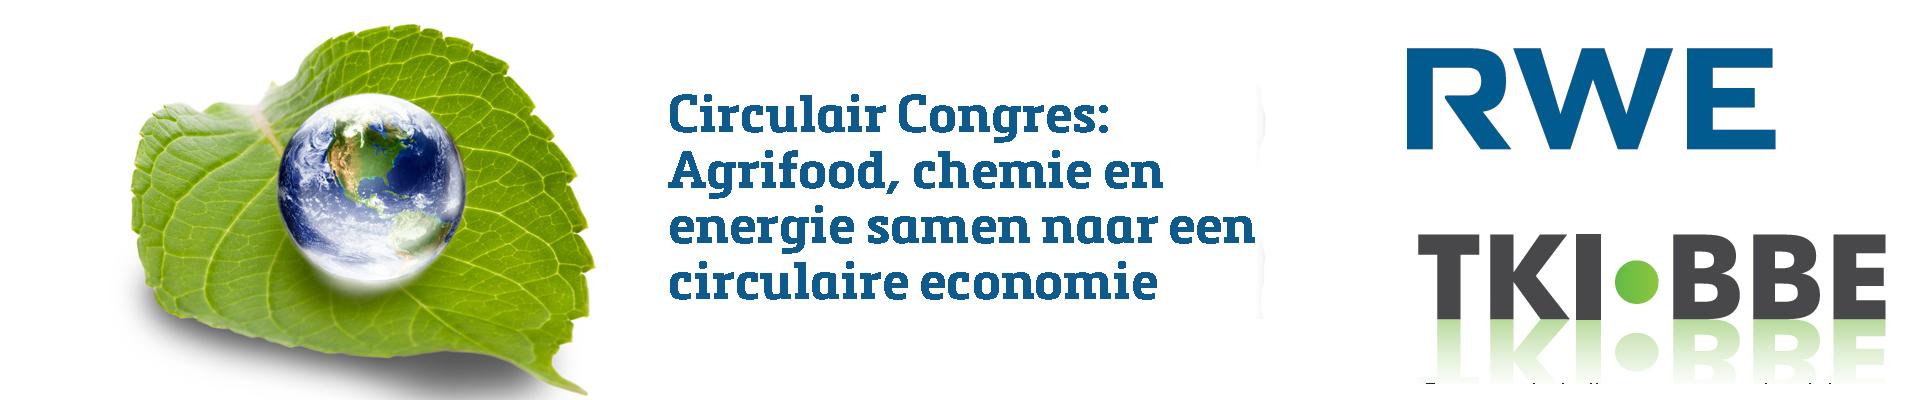 Circulair Congres